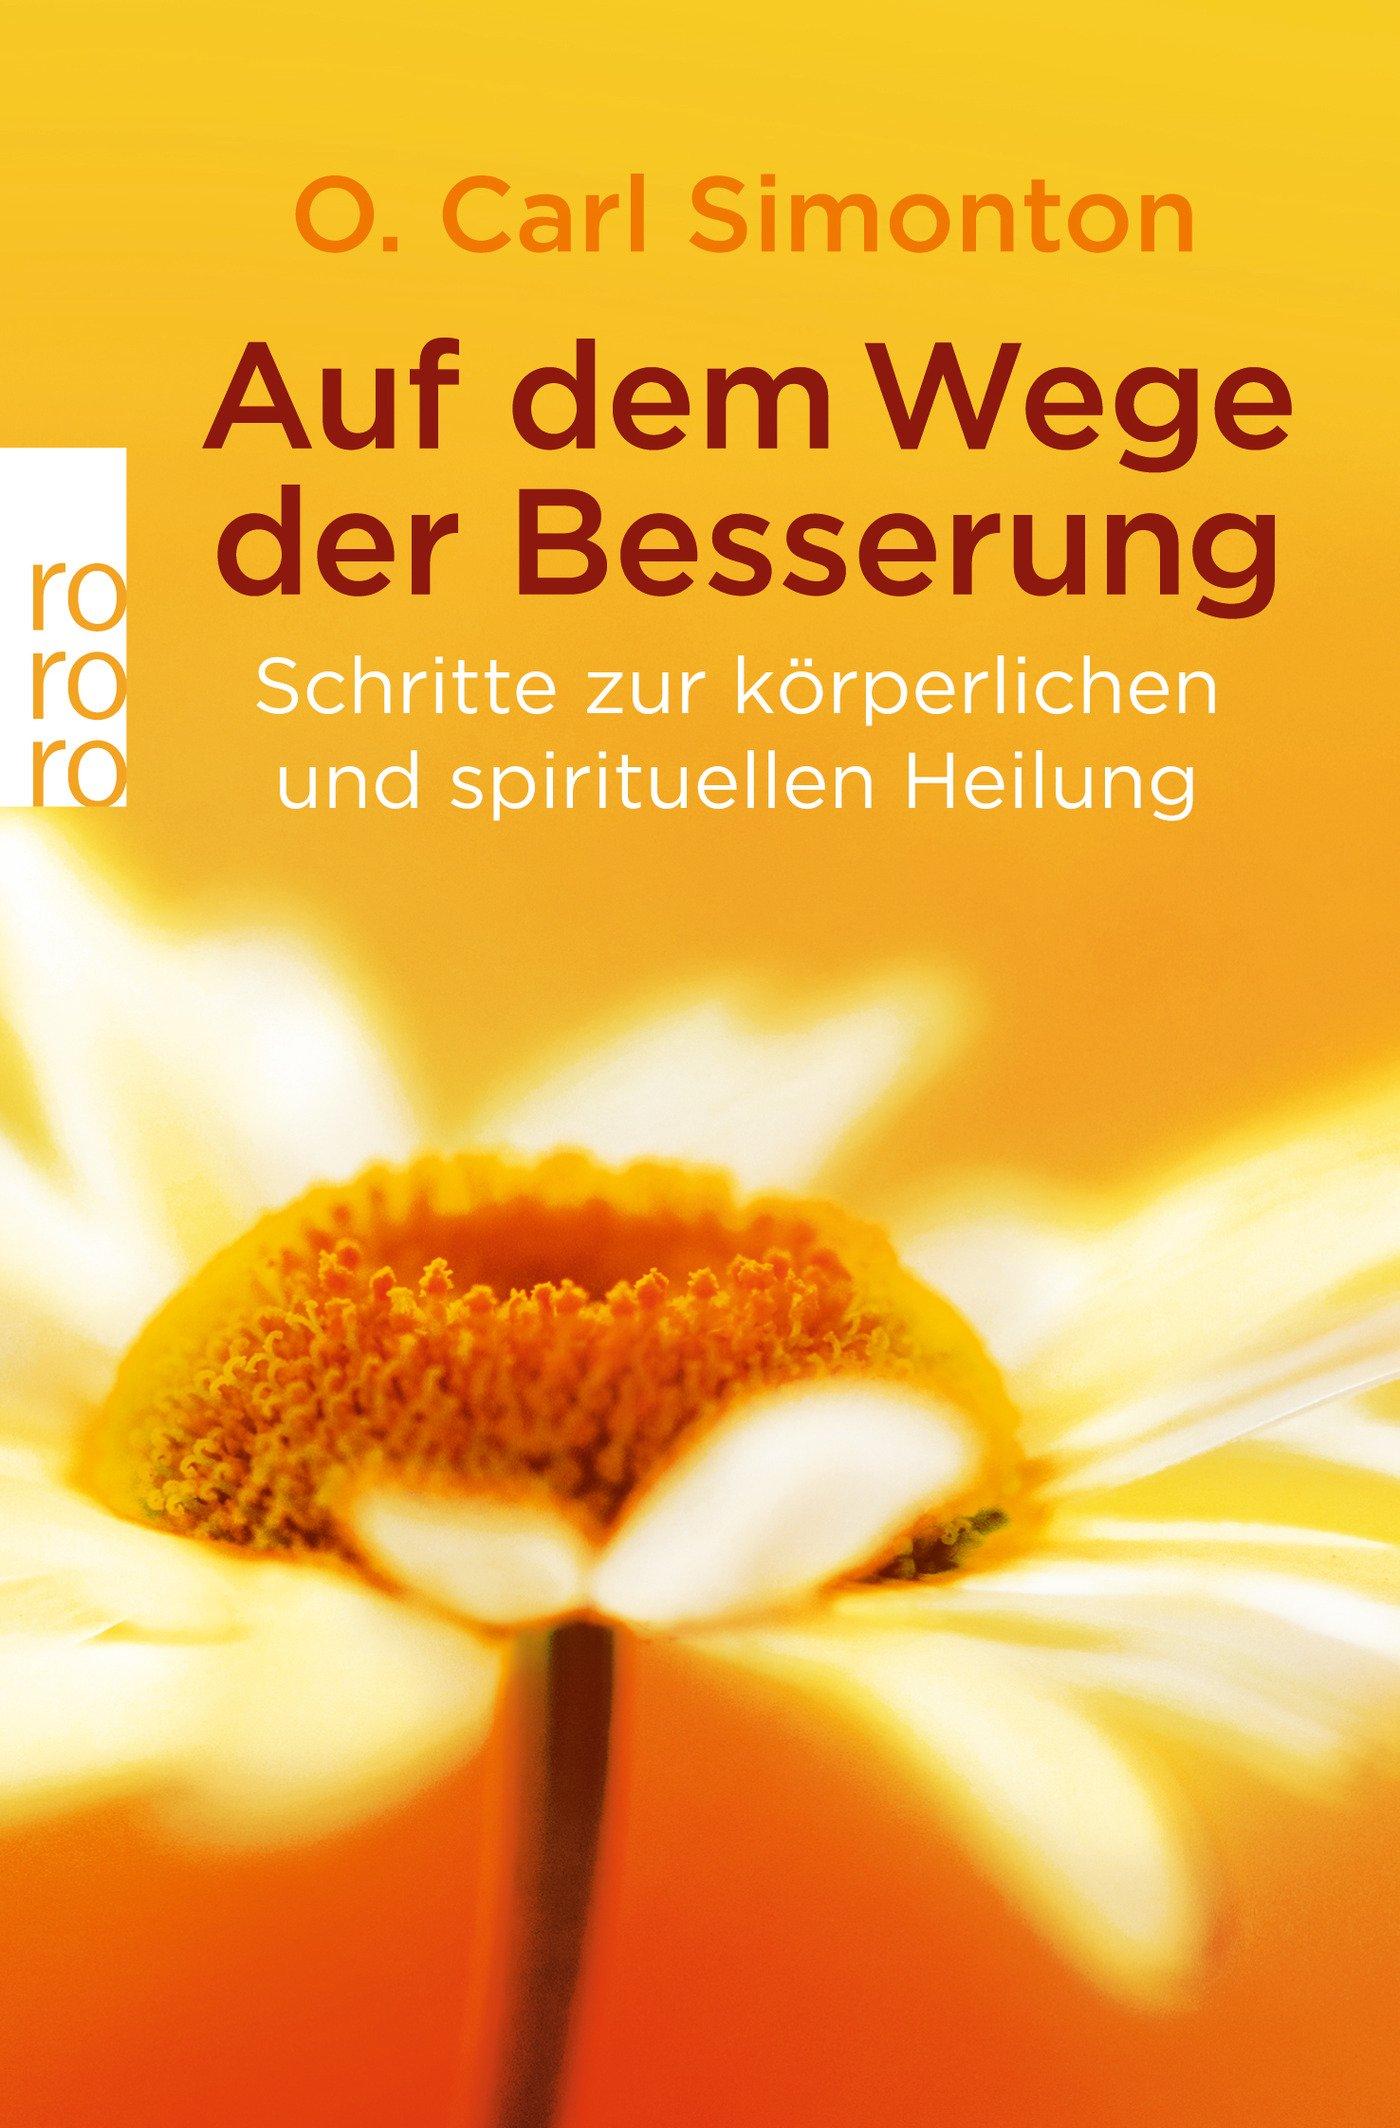 Auf dem Wege der Besserung: Schritte zur körperlichen und spirituellen Heilung